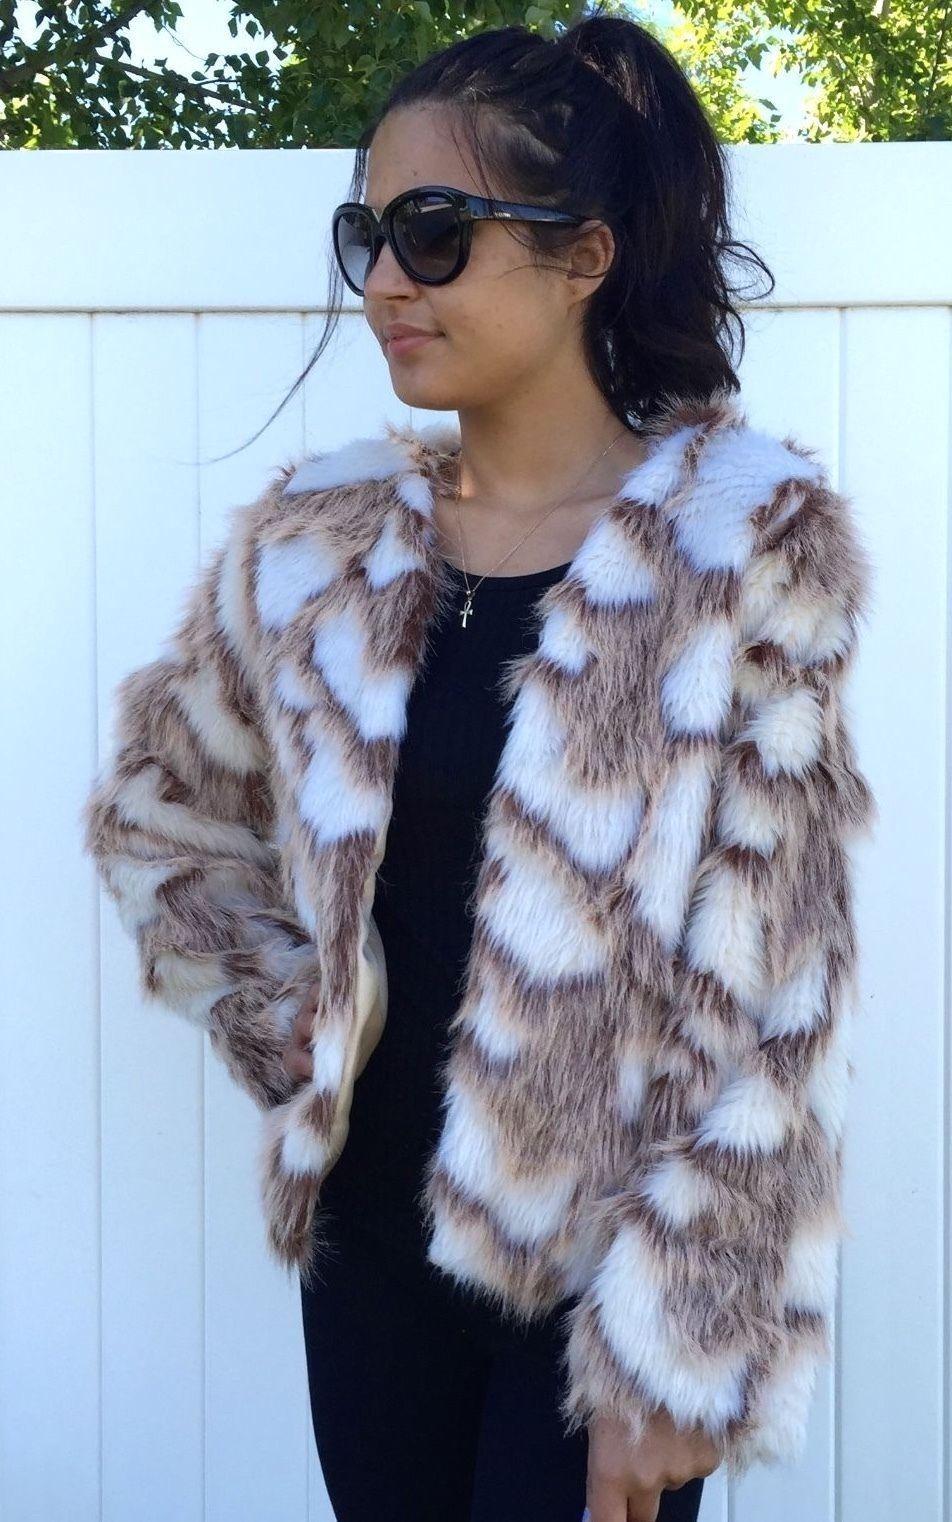 $60 NWT DECREE Authentic Women's Fashion Faux Fur Animal Print Jacket Coat Sz.L https://t.co/UxJNg0cSj3 https://t.co/RSSRuCdQoc